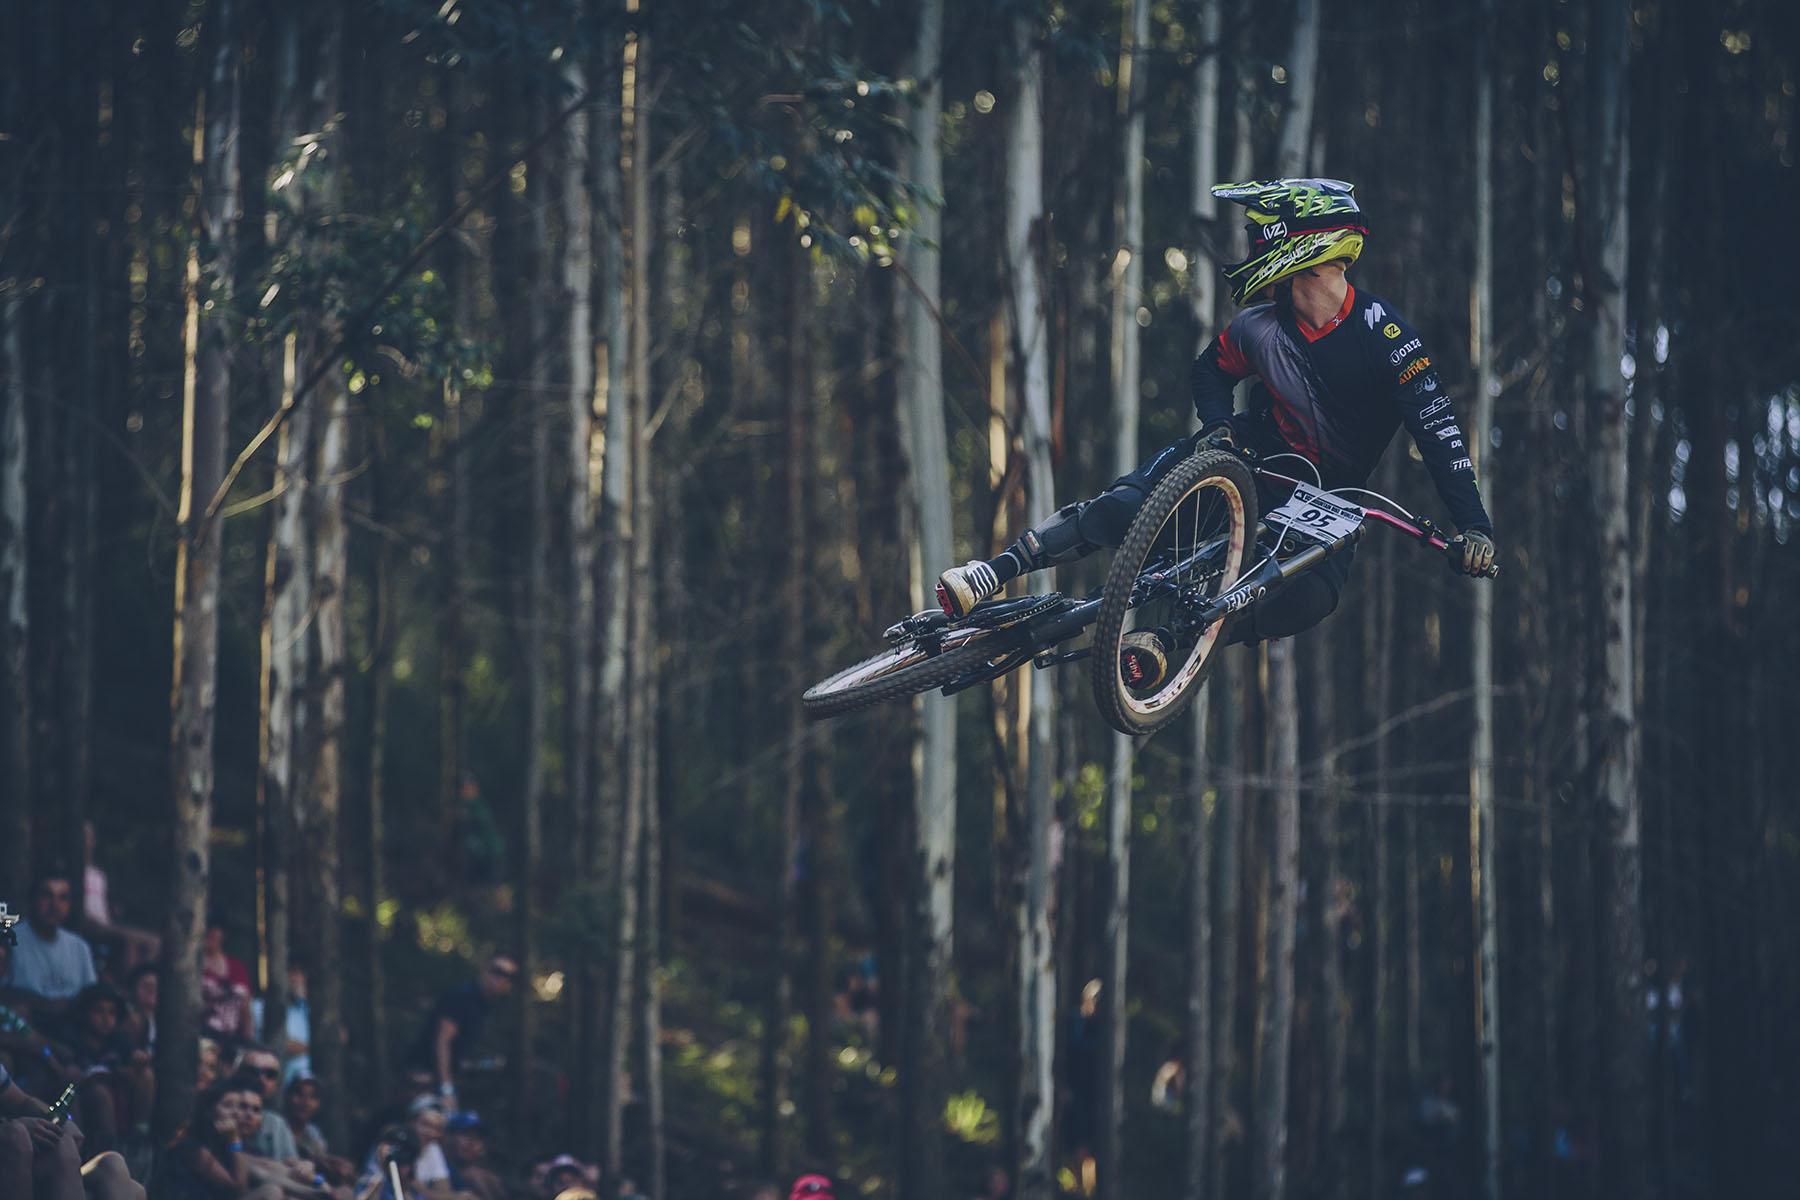 Local Rider Alasdair Fey macht für die Crowd noch einen stylischen Whip in Richtung Ziel.